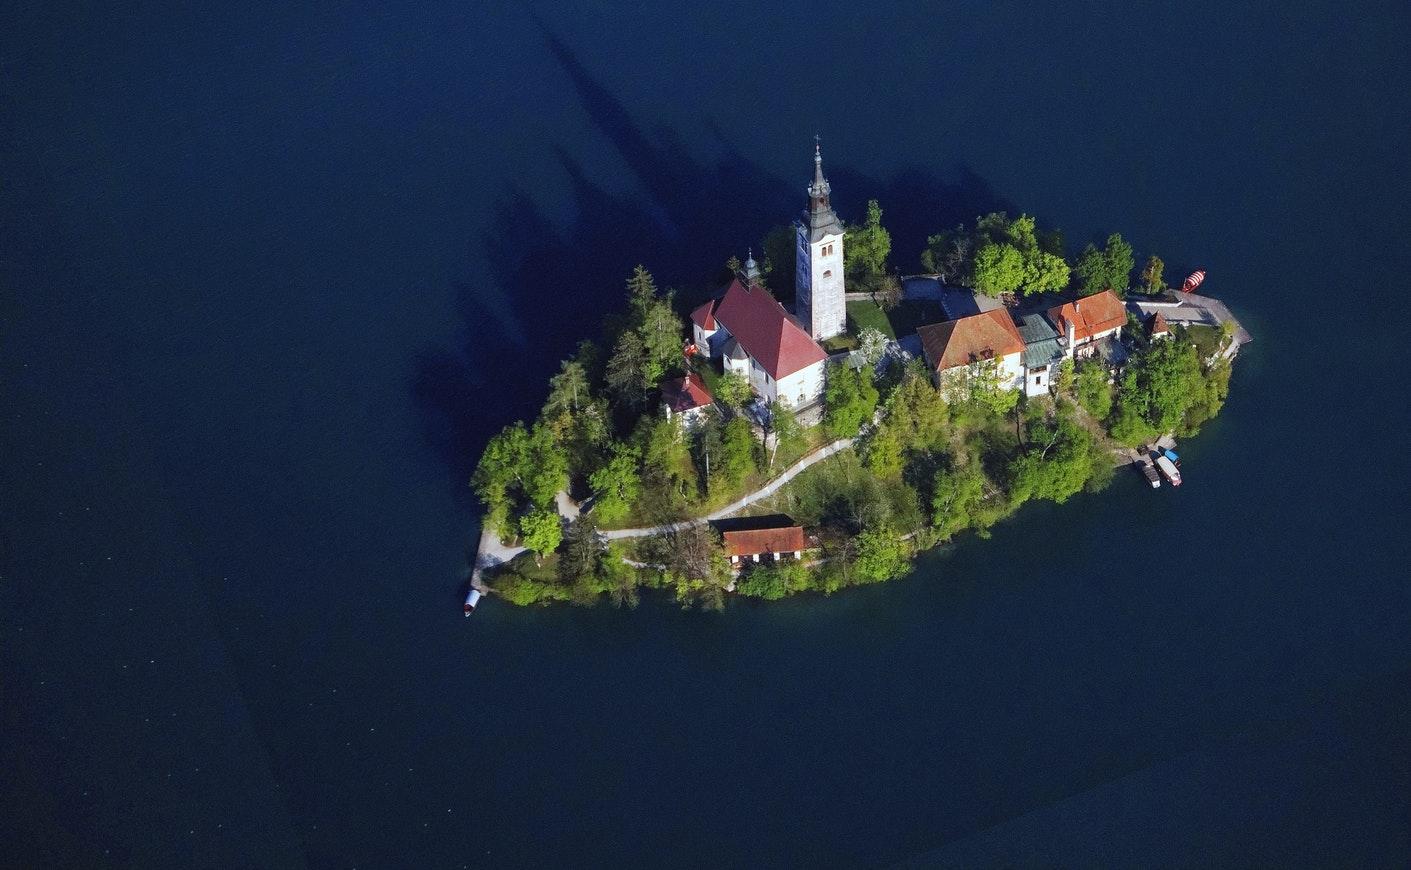 Спецпредложение: в Словению на майские праздники за 550€, Туристам Коломны, Туризм Россия Италия Германия автобус